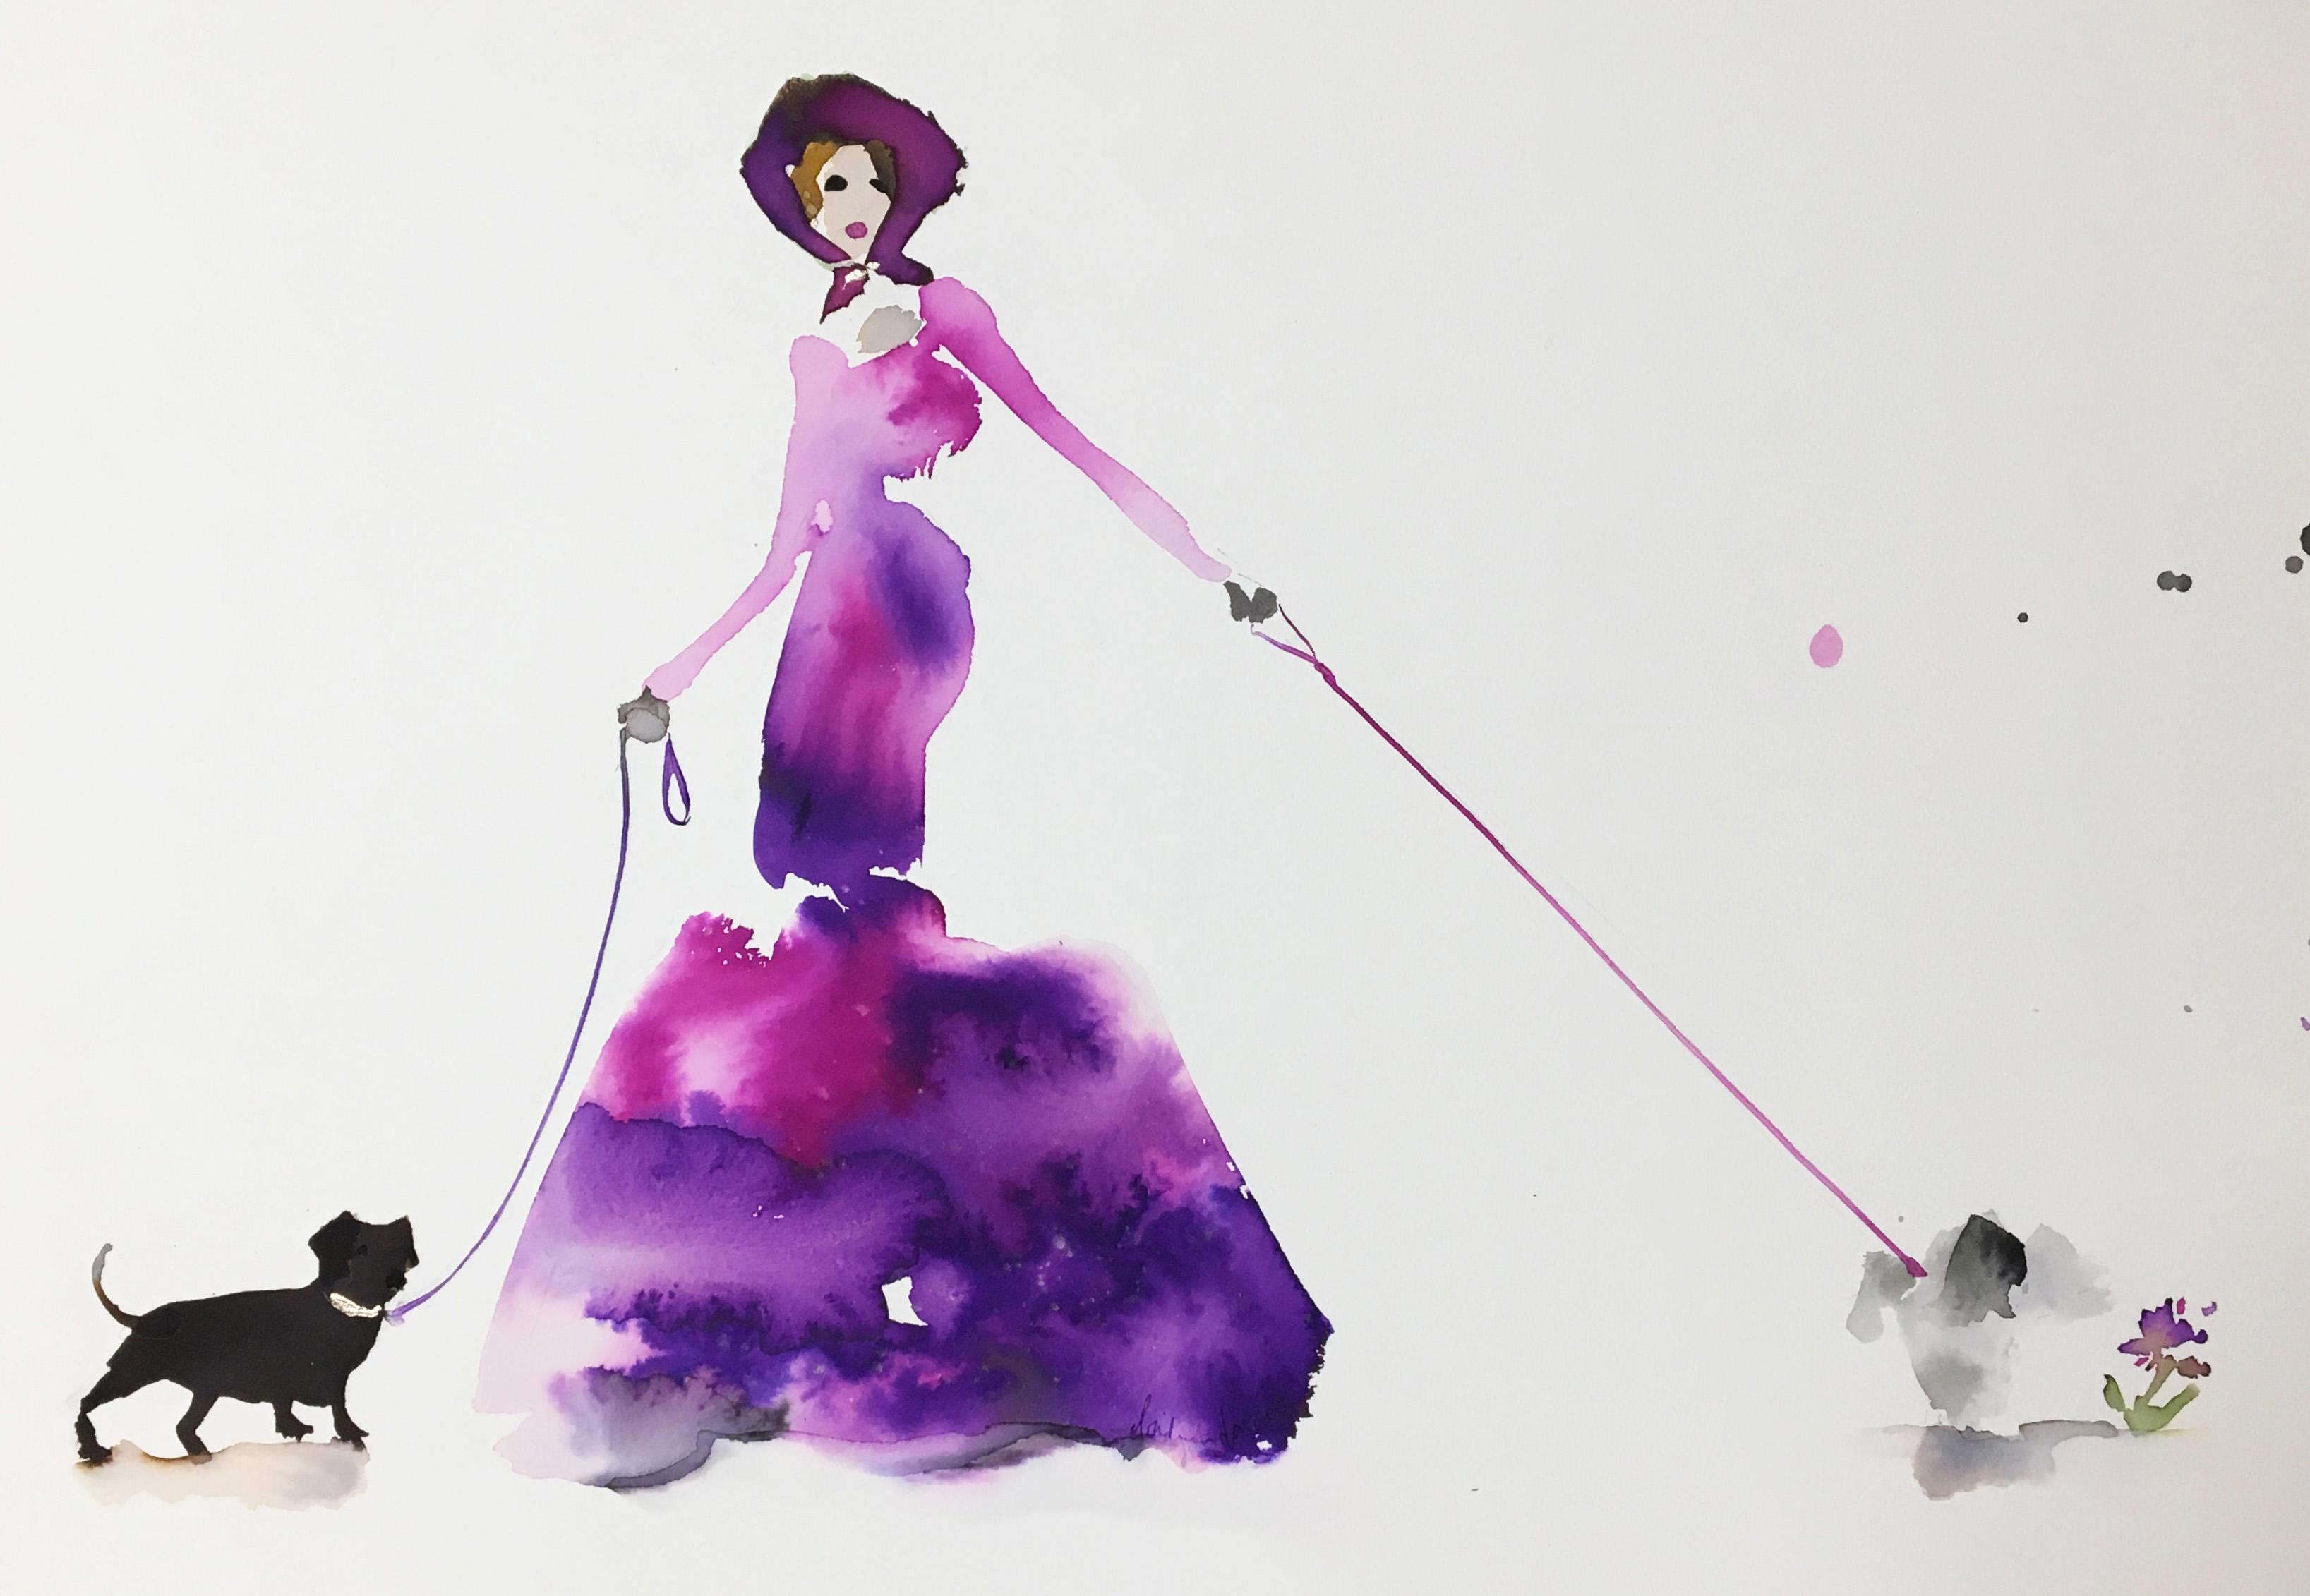 Visual artist Bridget Davies